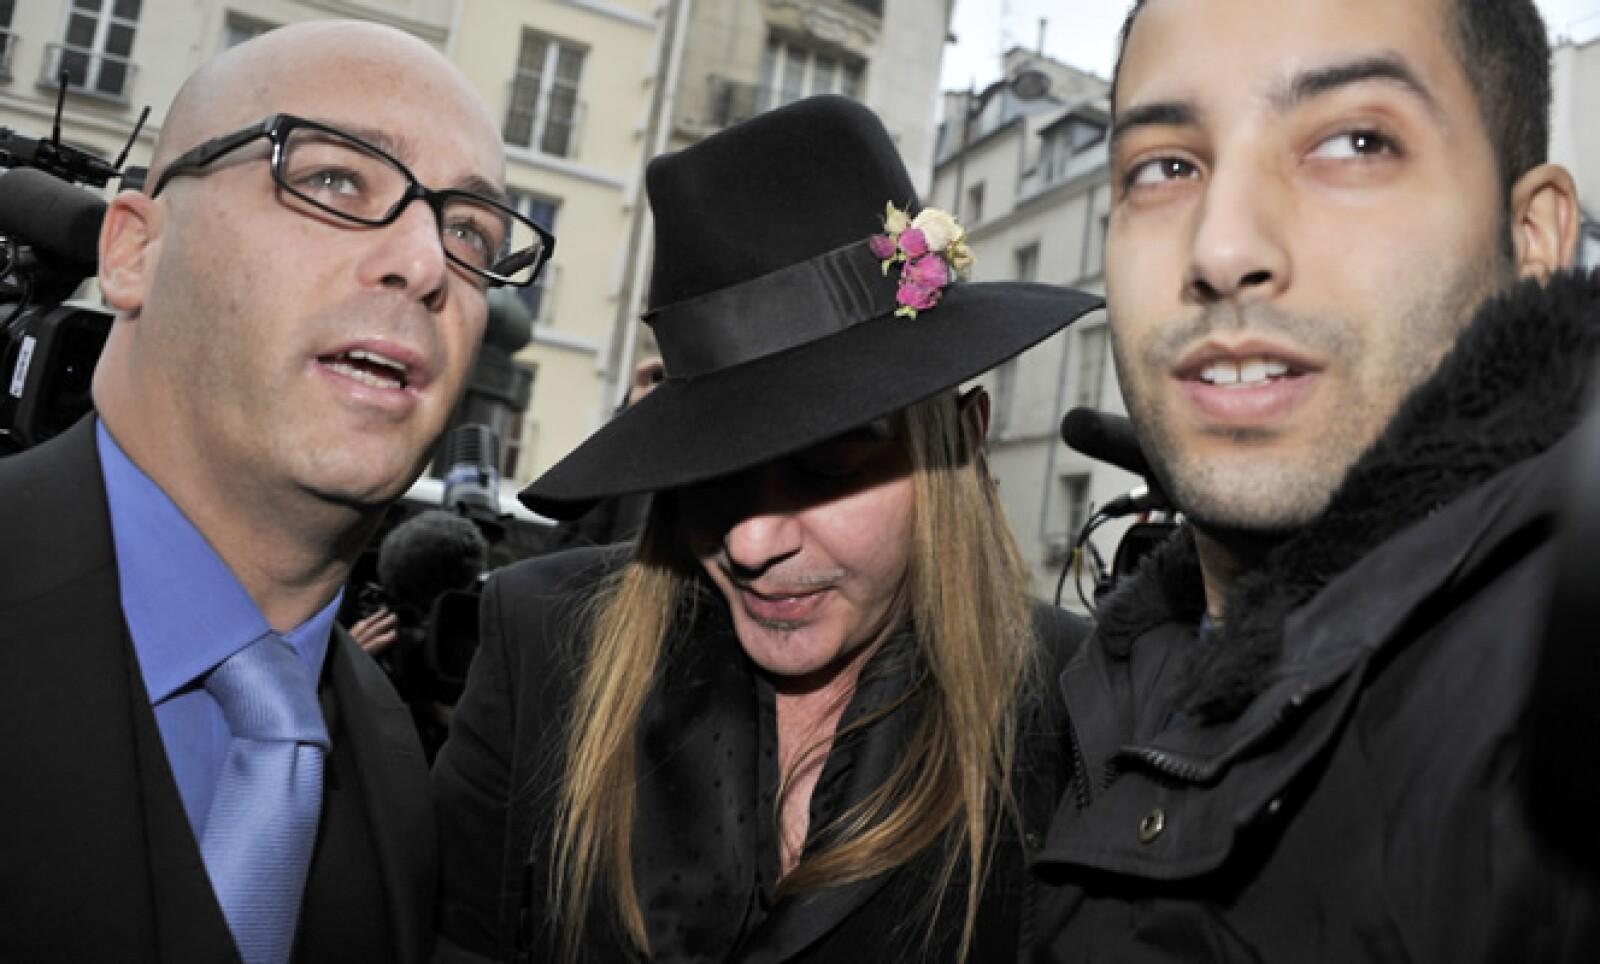 John Galliano fue acusado el 24 de febrero por haber hecho comentarios antisemitas; el diseñador fue despedido por la casa de moda Dior.